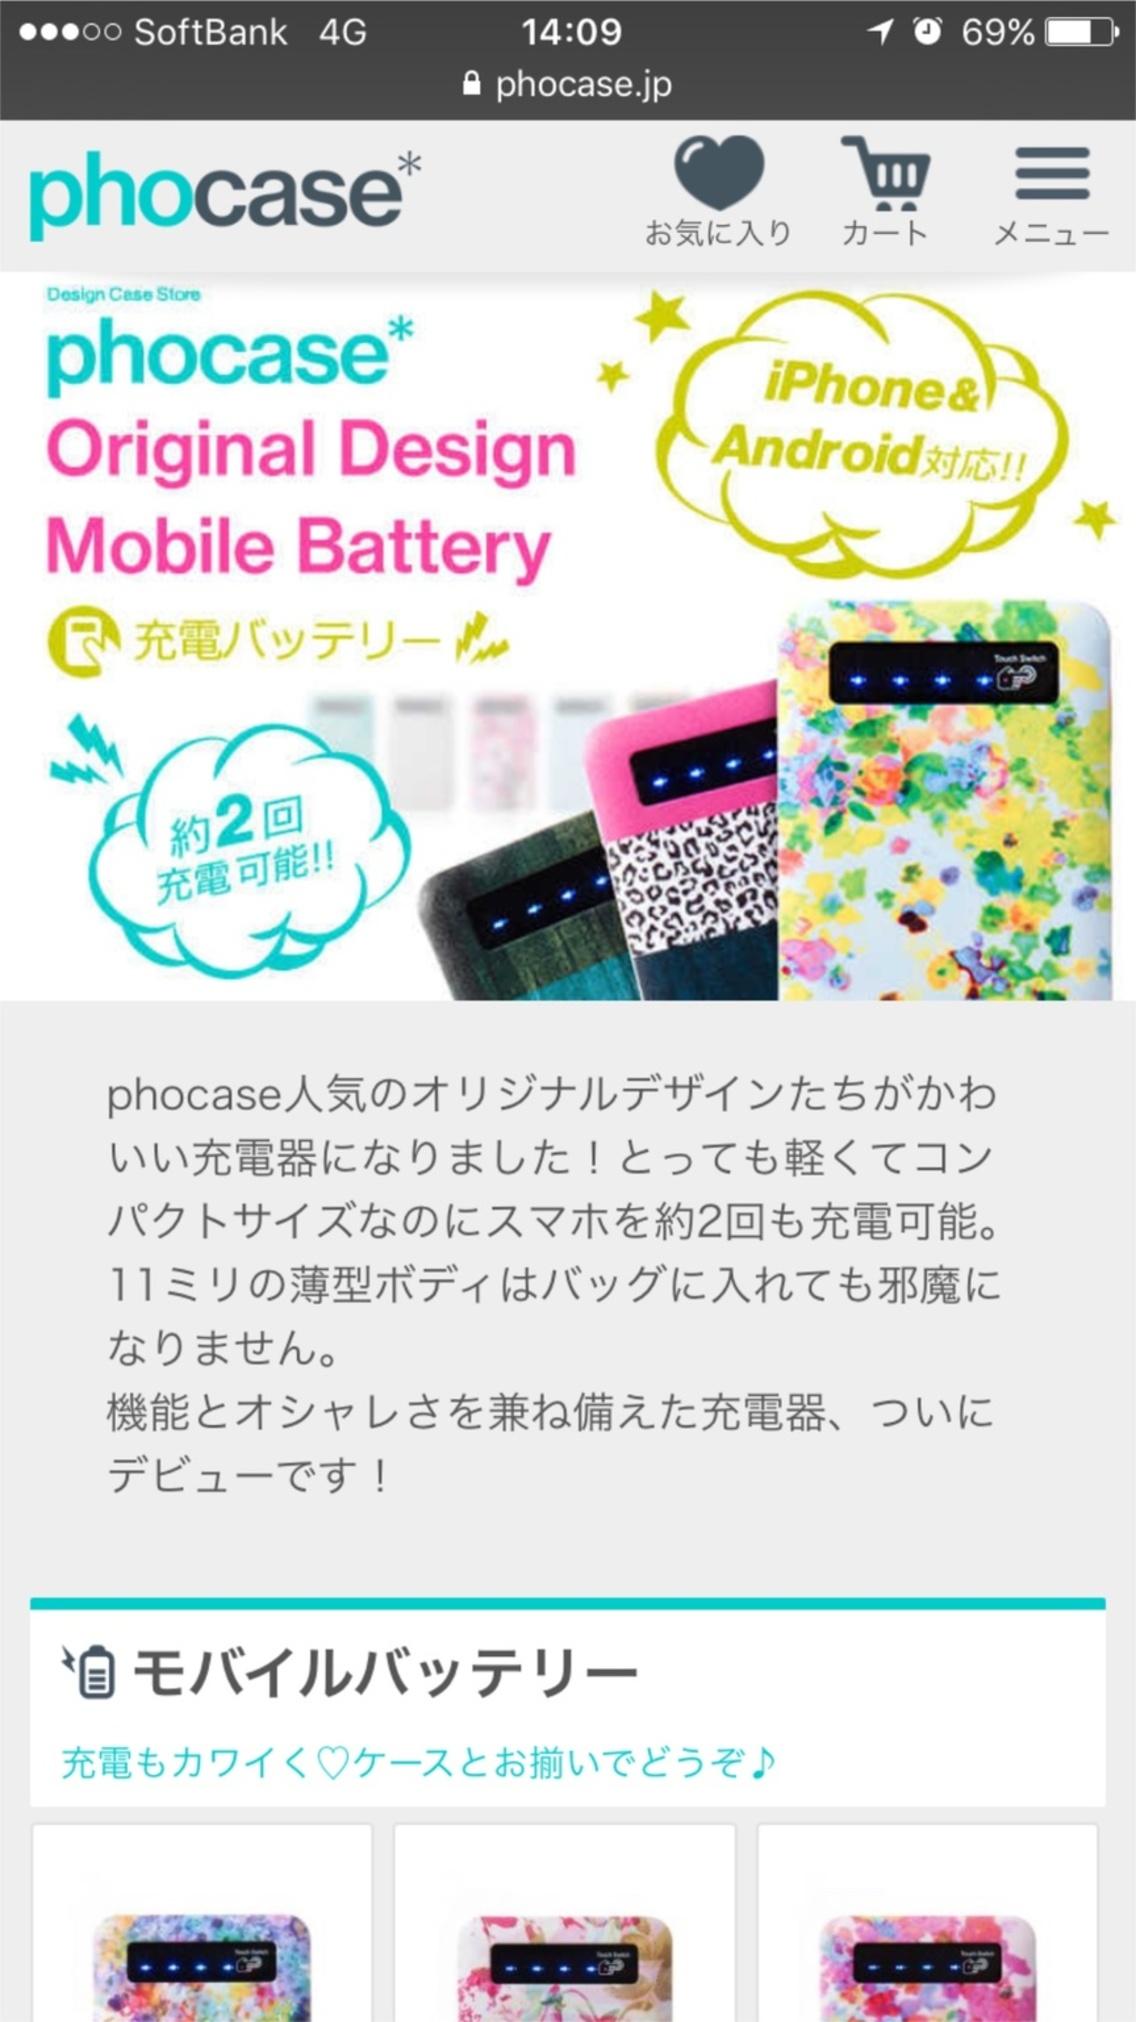 バッテリー動画テストオリジナルページSPキャプチャ_20160131.jpg